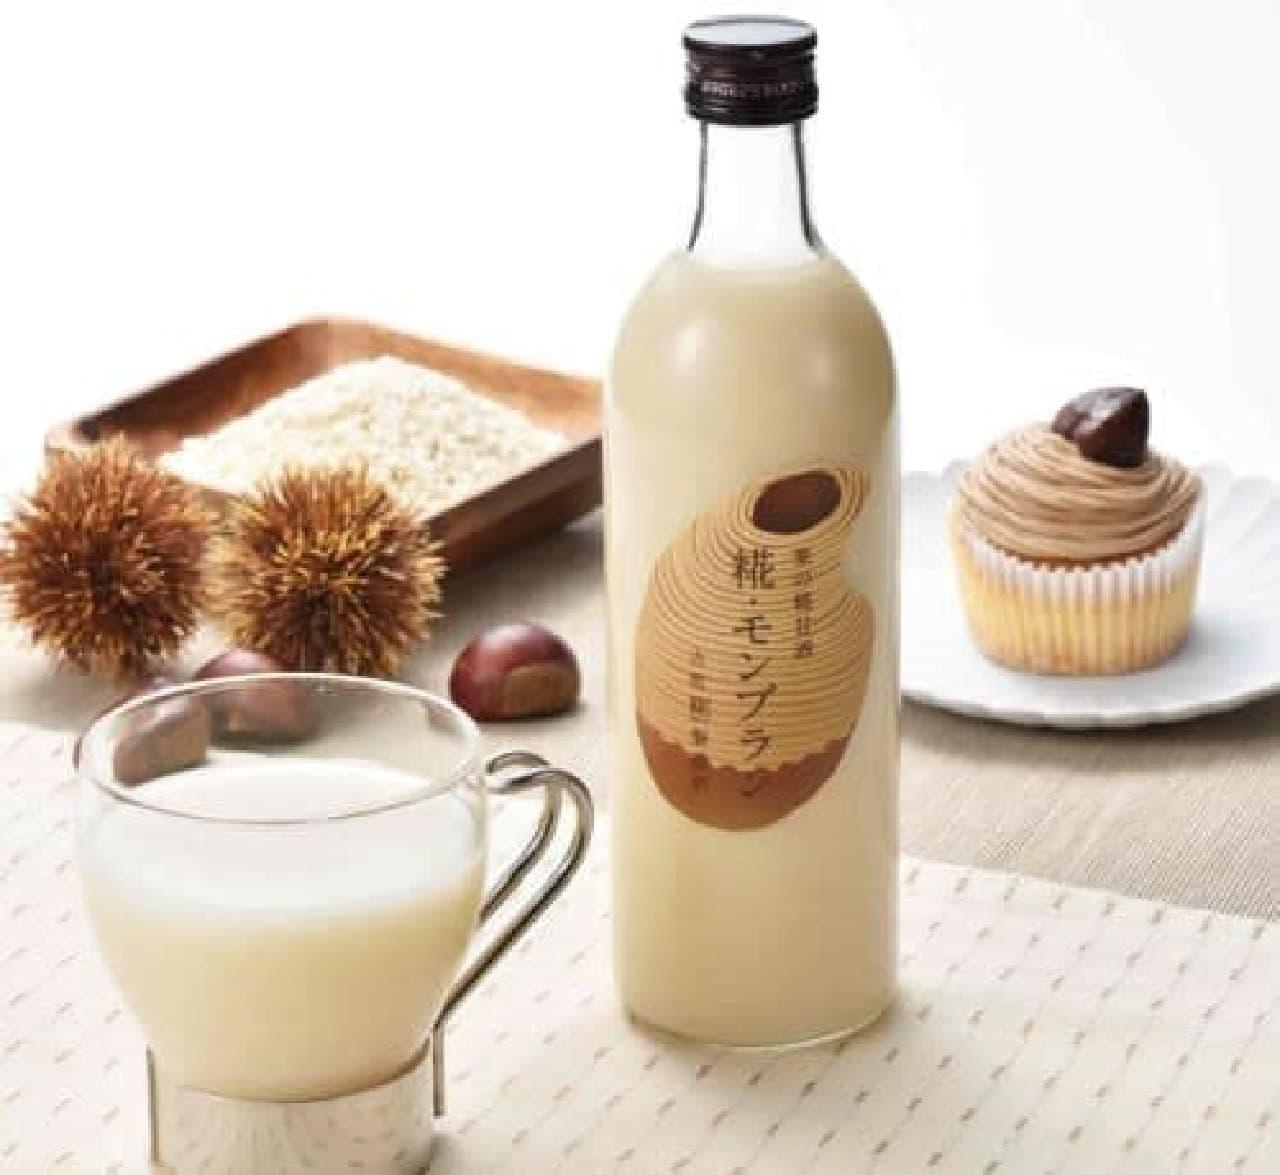 「糀・モンブラン」は秋のスイーツの王様と呼ばれる「モンブラン」を糀の甘酒で表現したドリンク